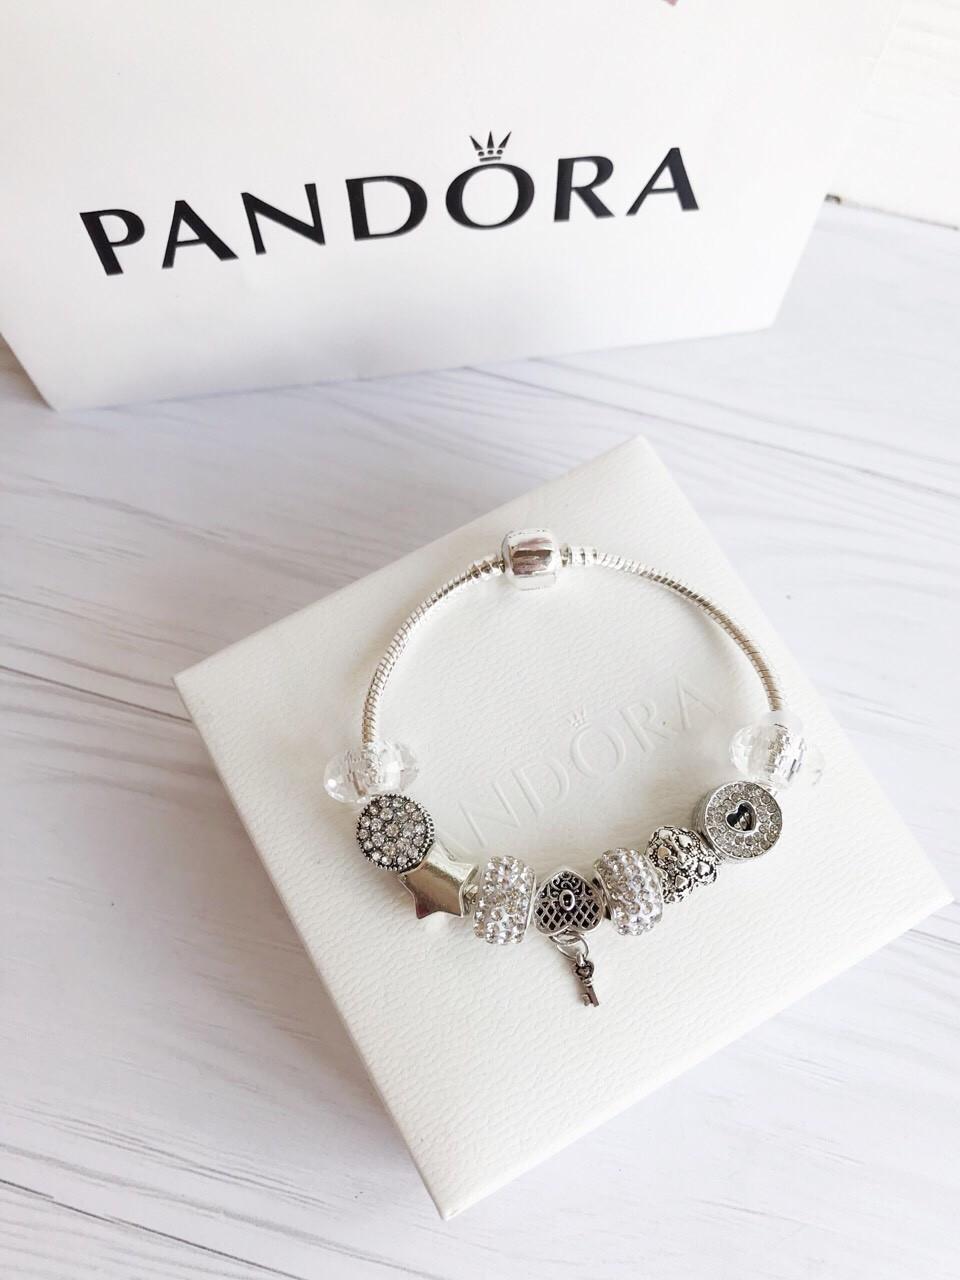 Браслет c шармами Pandora копия пандора Отличное качество опт дропшиппинг розница